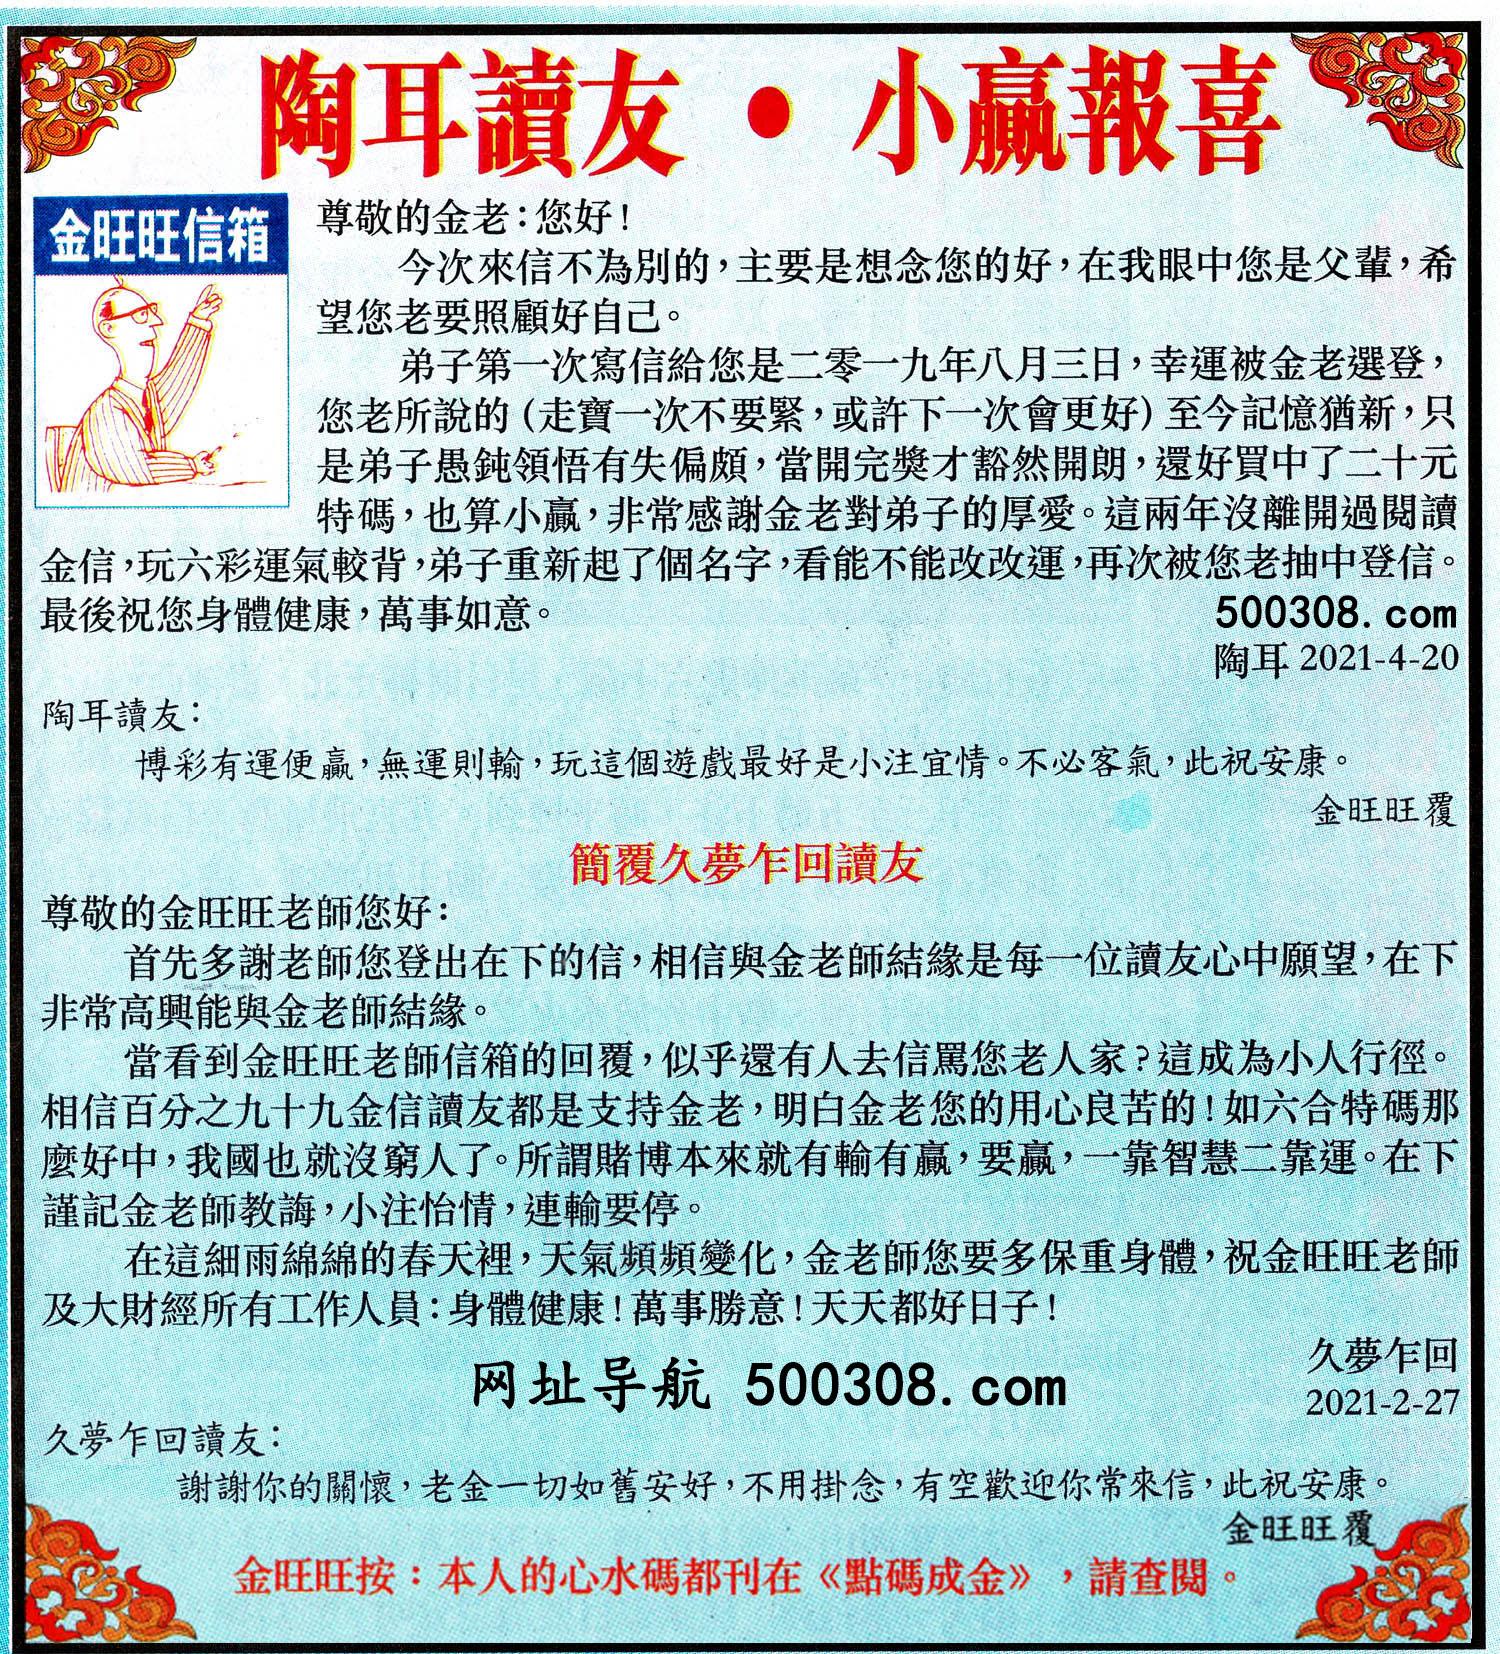 052期:金旺旺信箱彩民推荐→→《陶耳�x友・小赢�笙病�